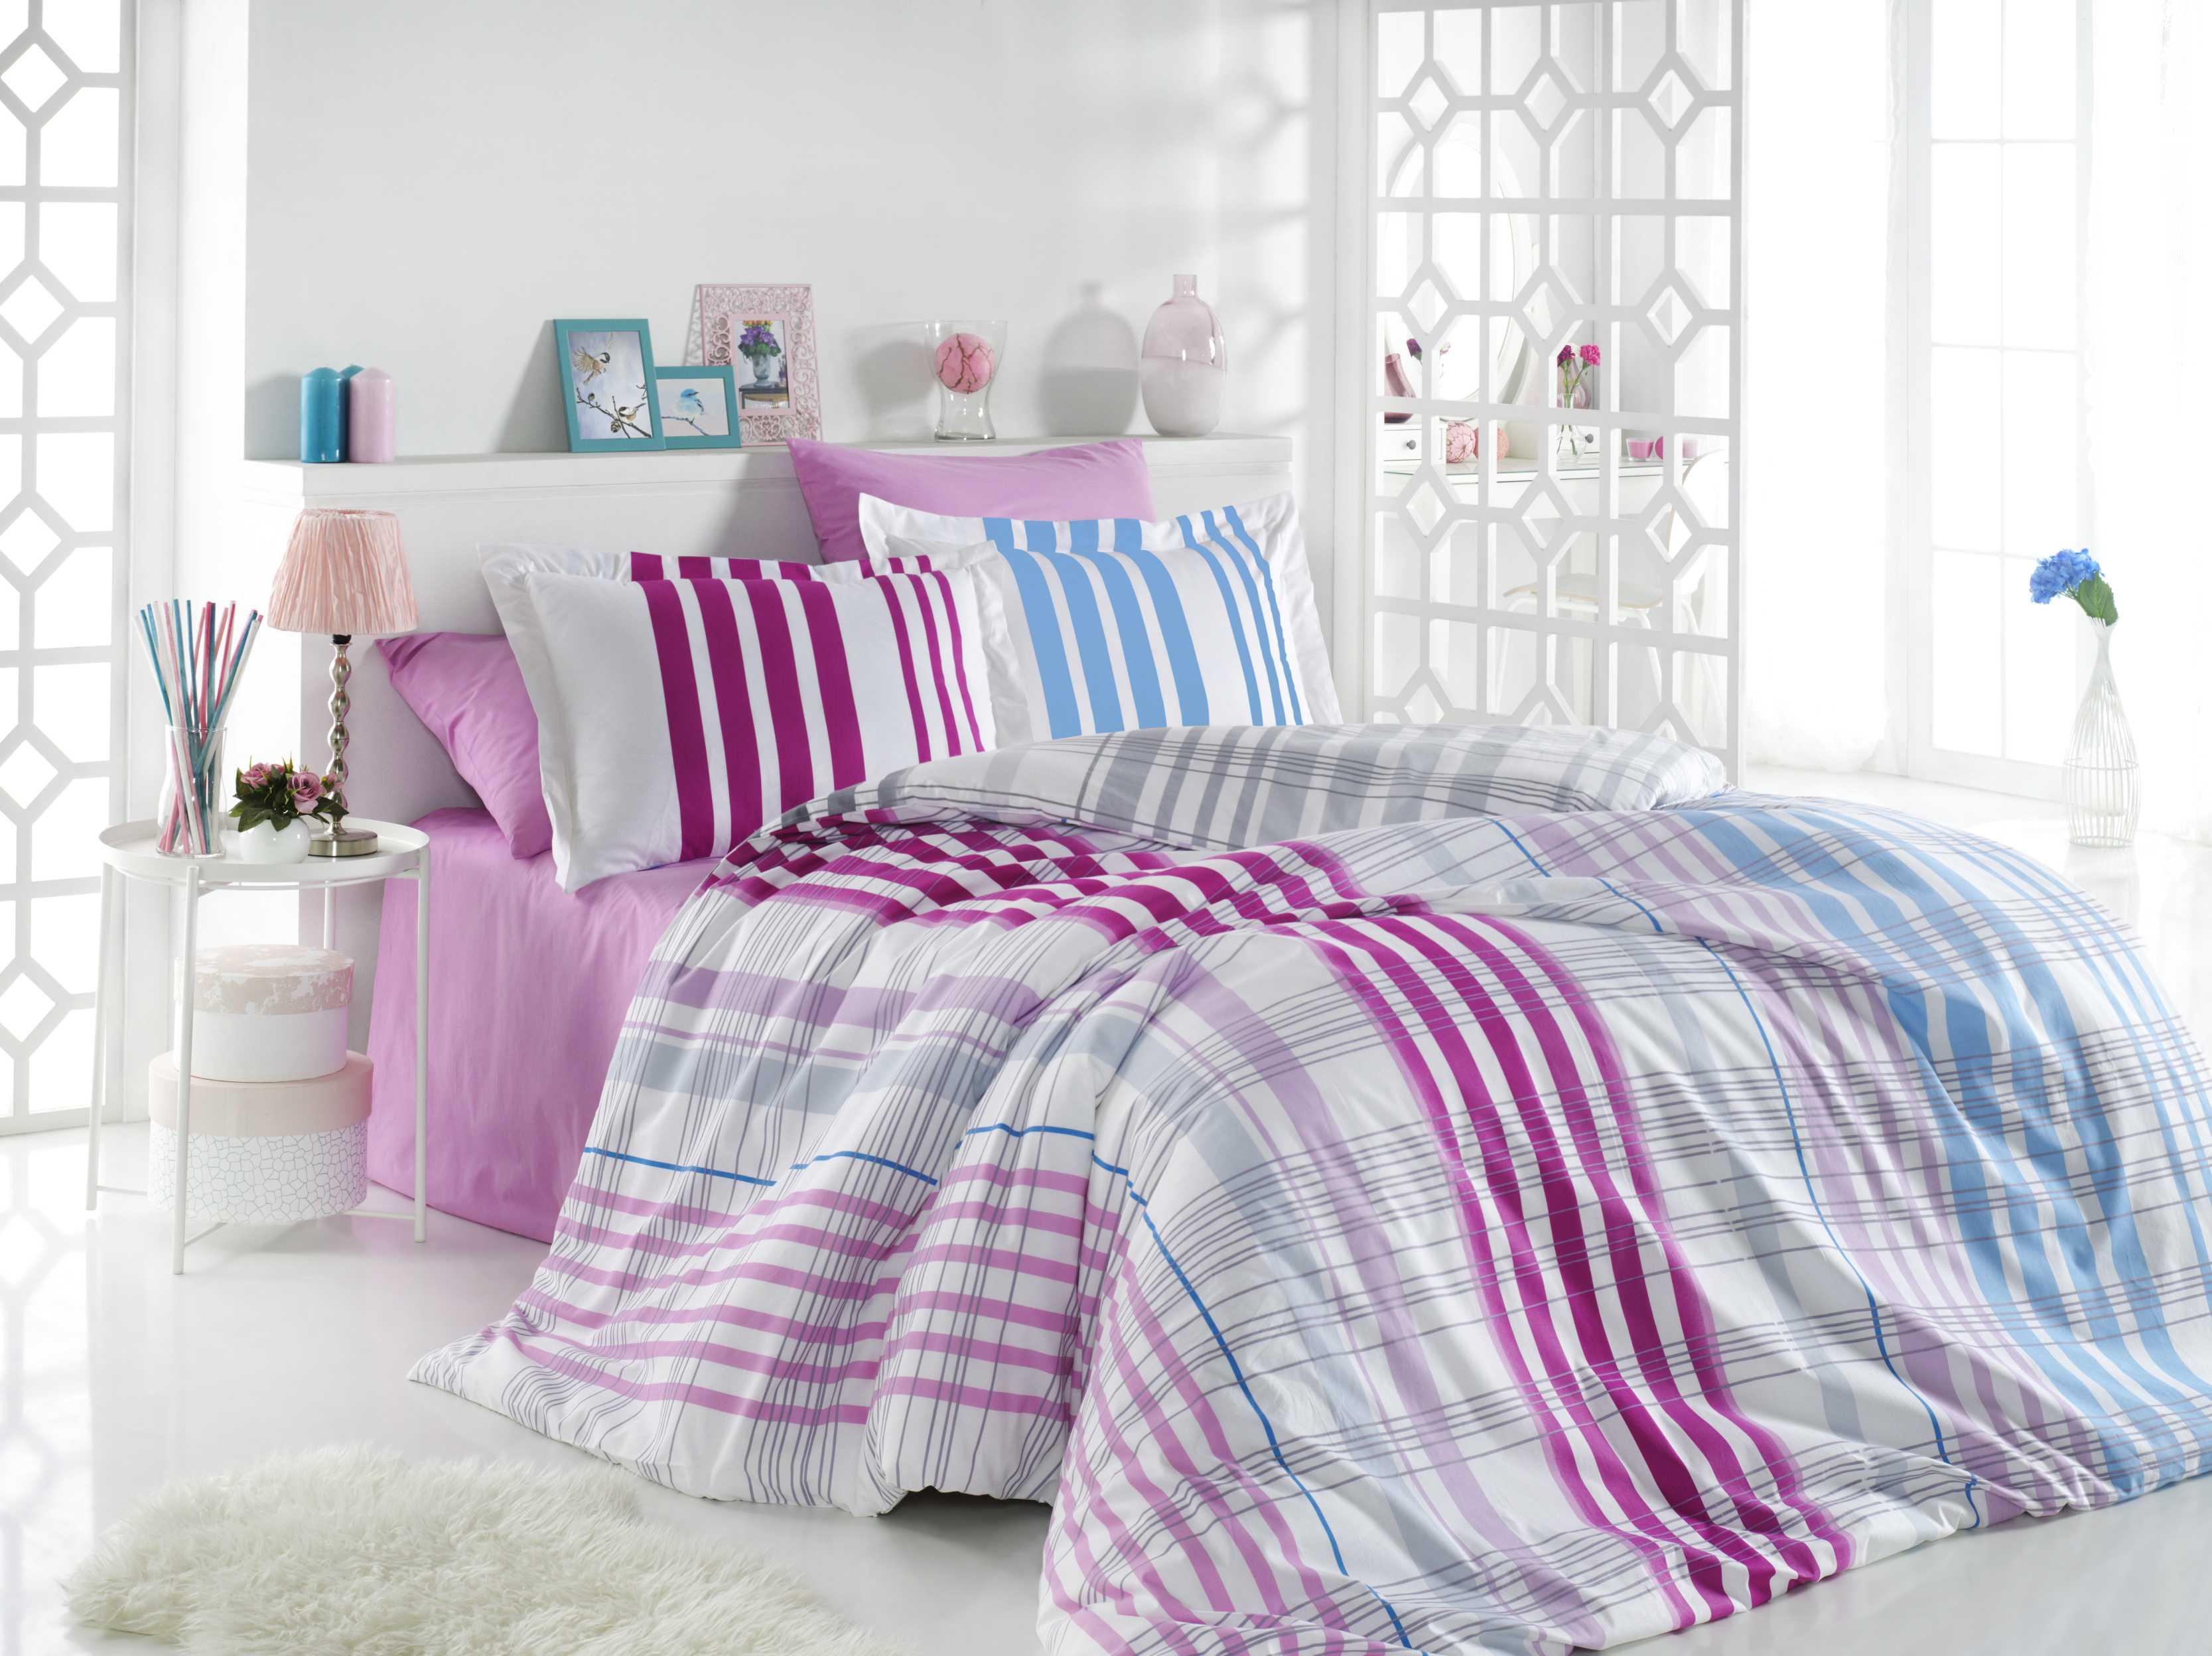 """Комплект постельного белья Hobby Home Collection """"Stripe"""", 1,5-спальный, наволочки 50x70, цвет: фуксия"""